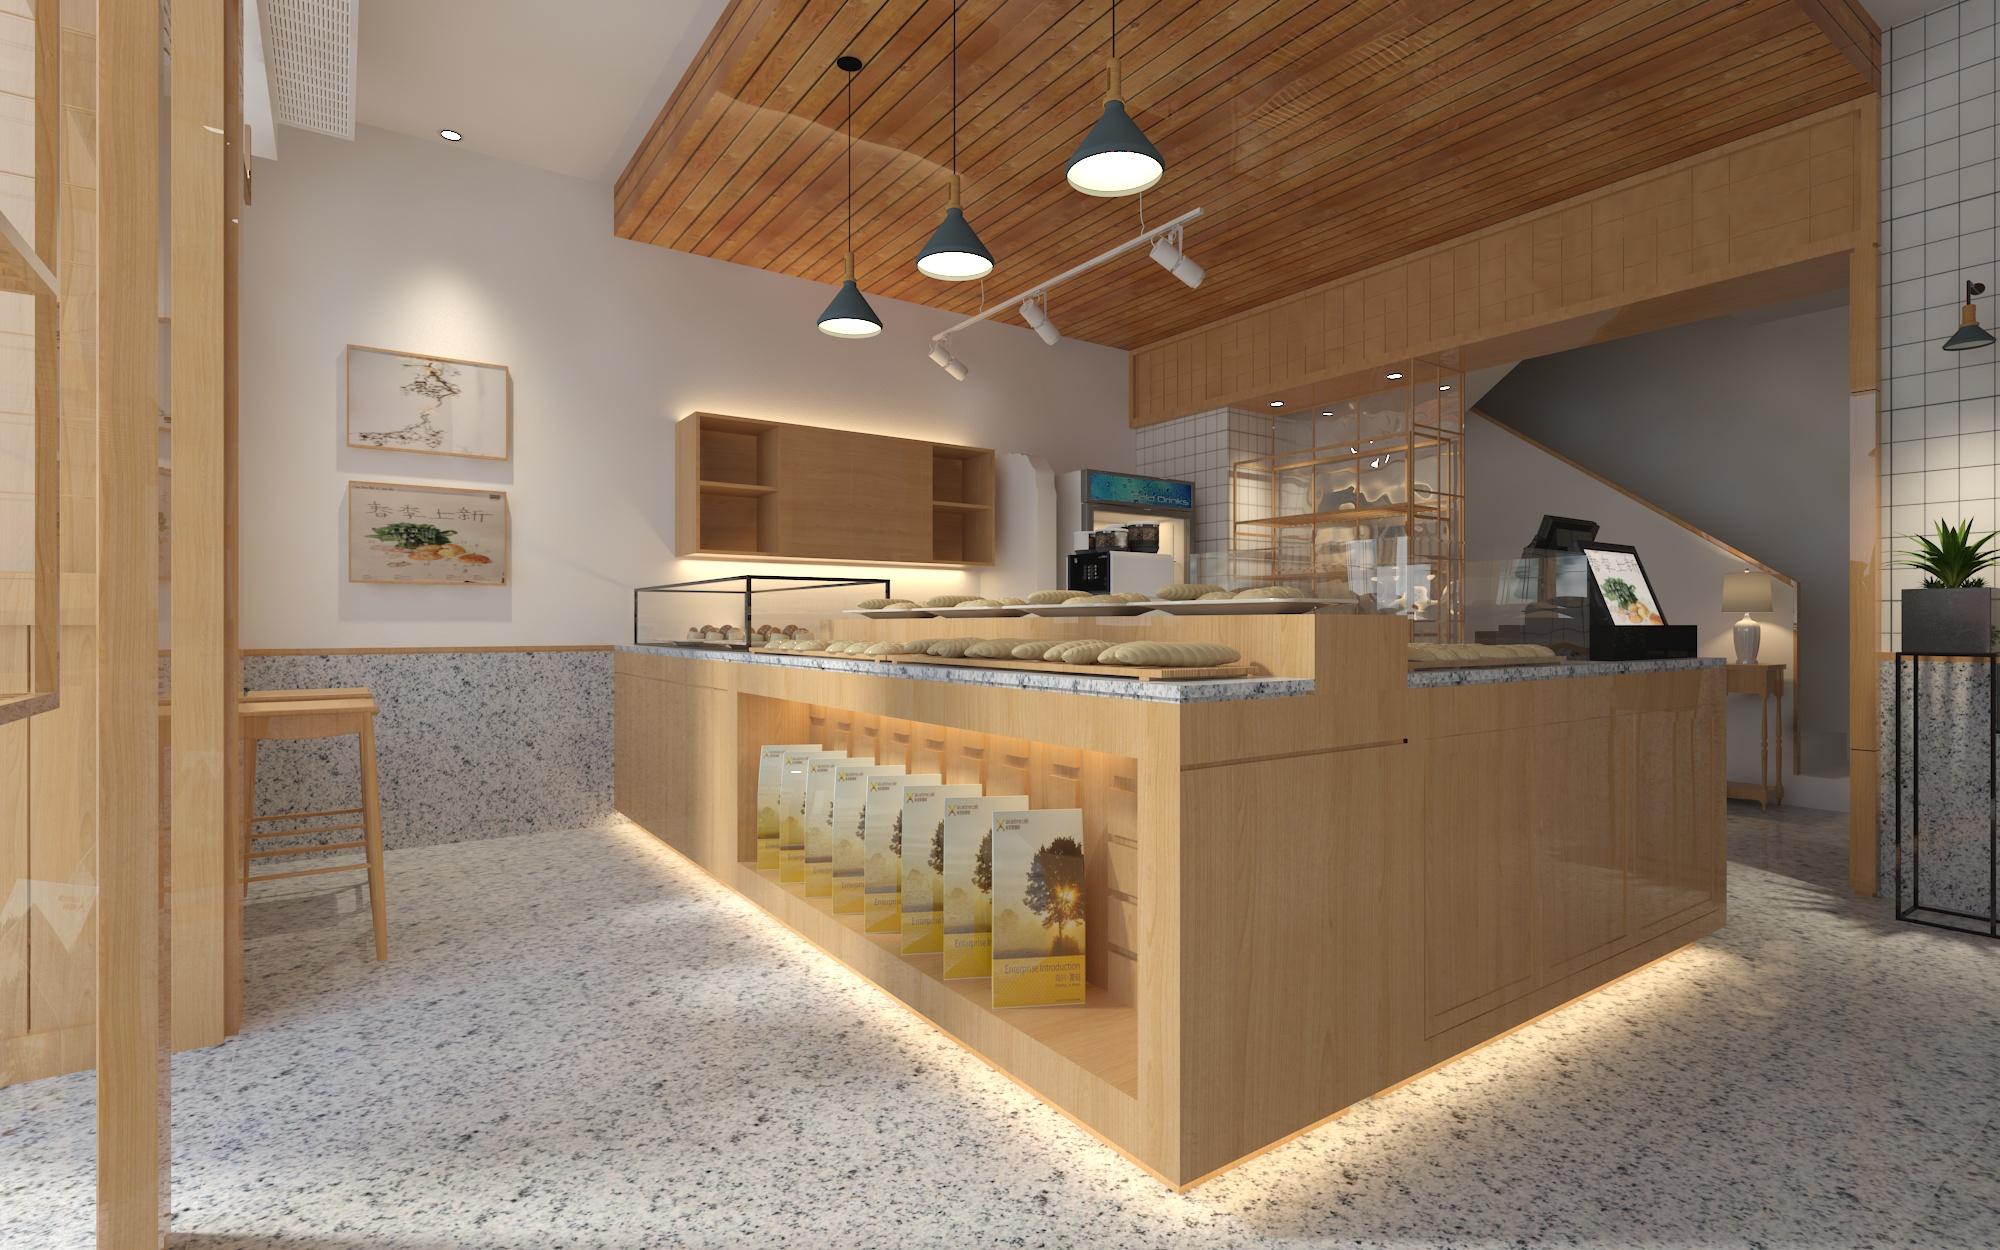 在常州开烘焙店摆放收银台对店铺经营有什么帮助